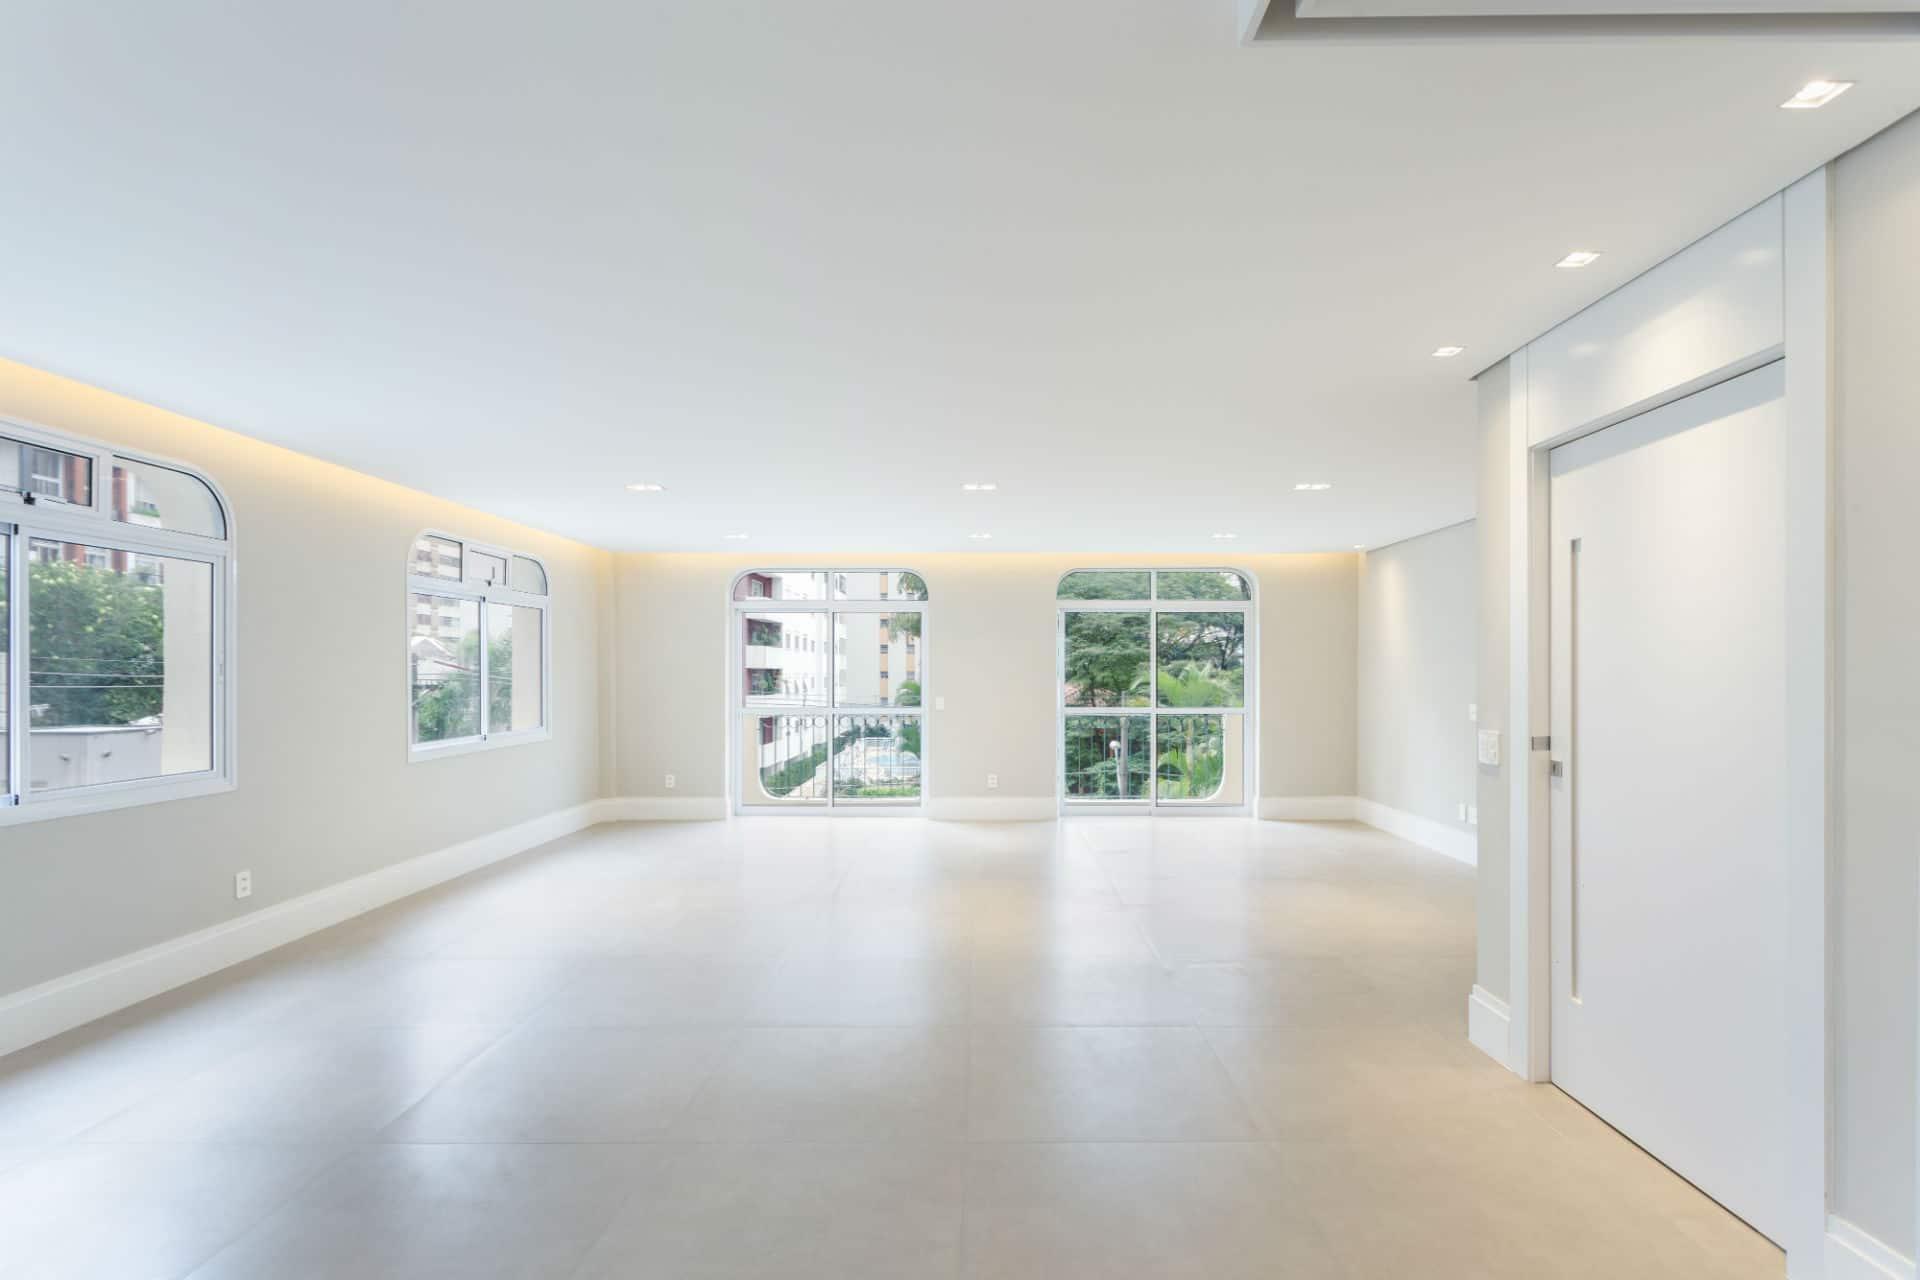 Antes&Depois: como era a sala deste apartamento no Itaim antes da reforma?